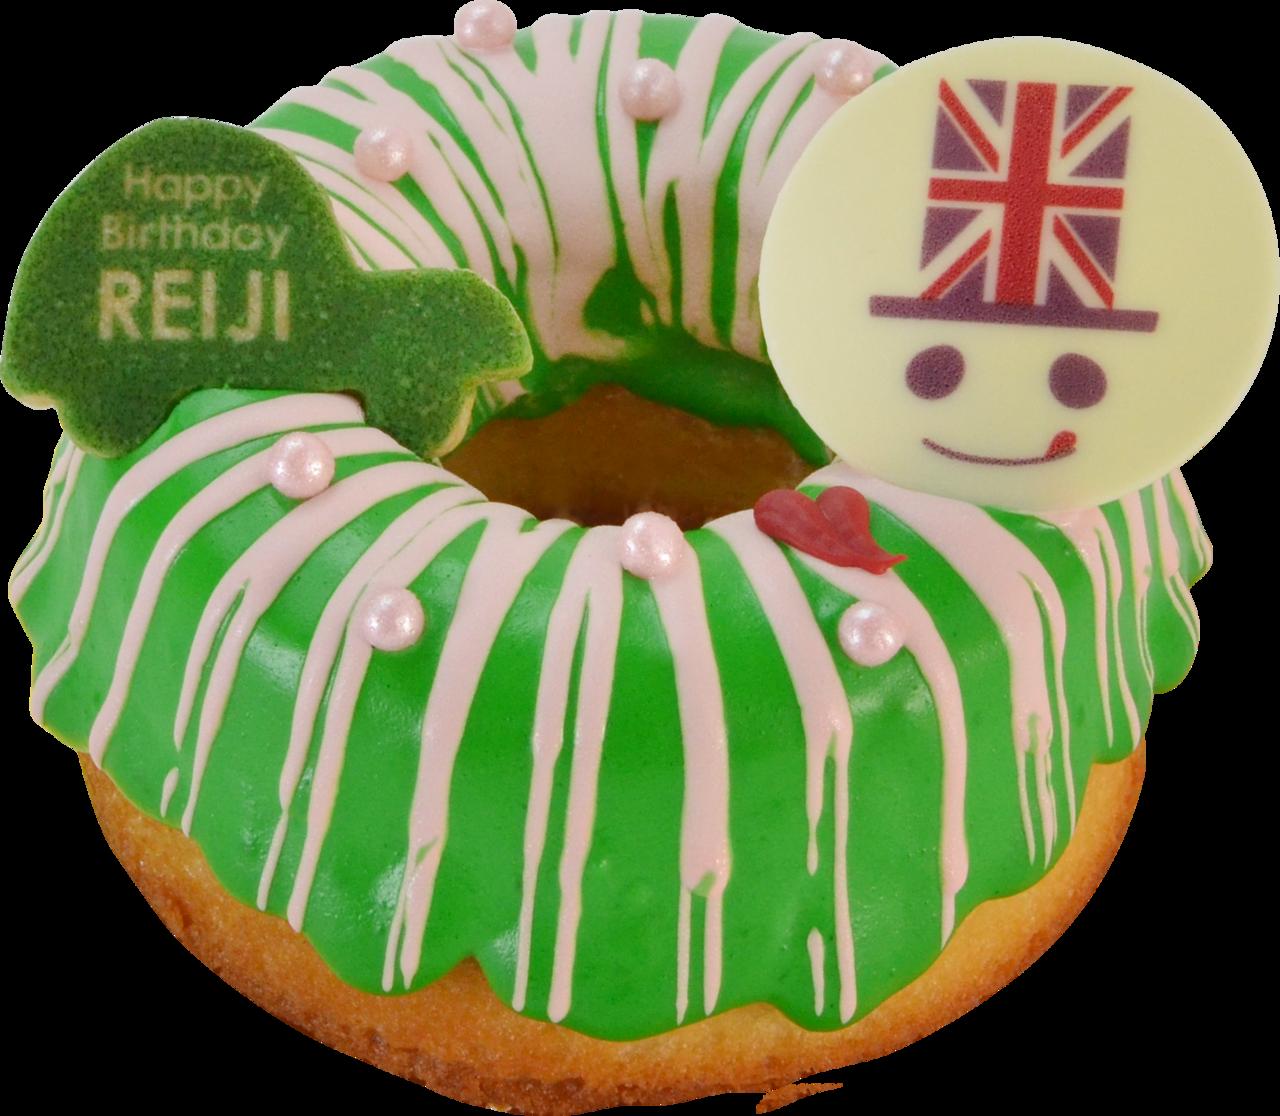 『うたの☆プリンスさまっ♪』寿 嶺二のバースデーケーキが予約開始!